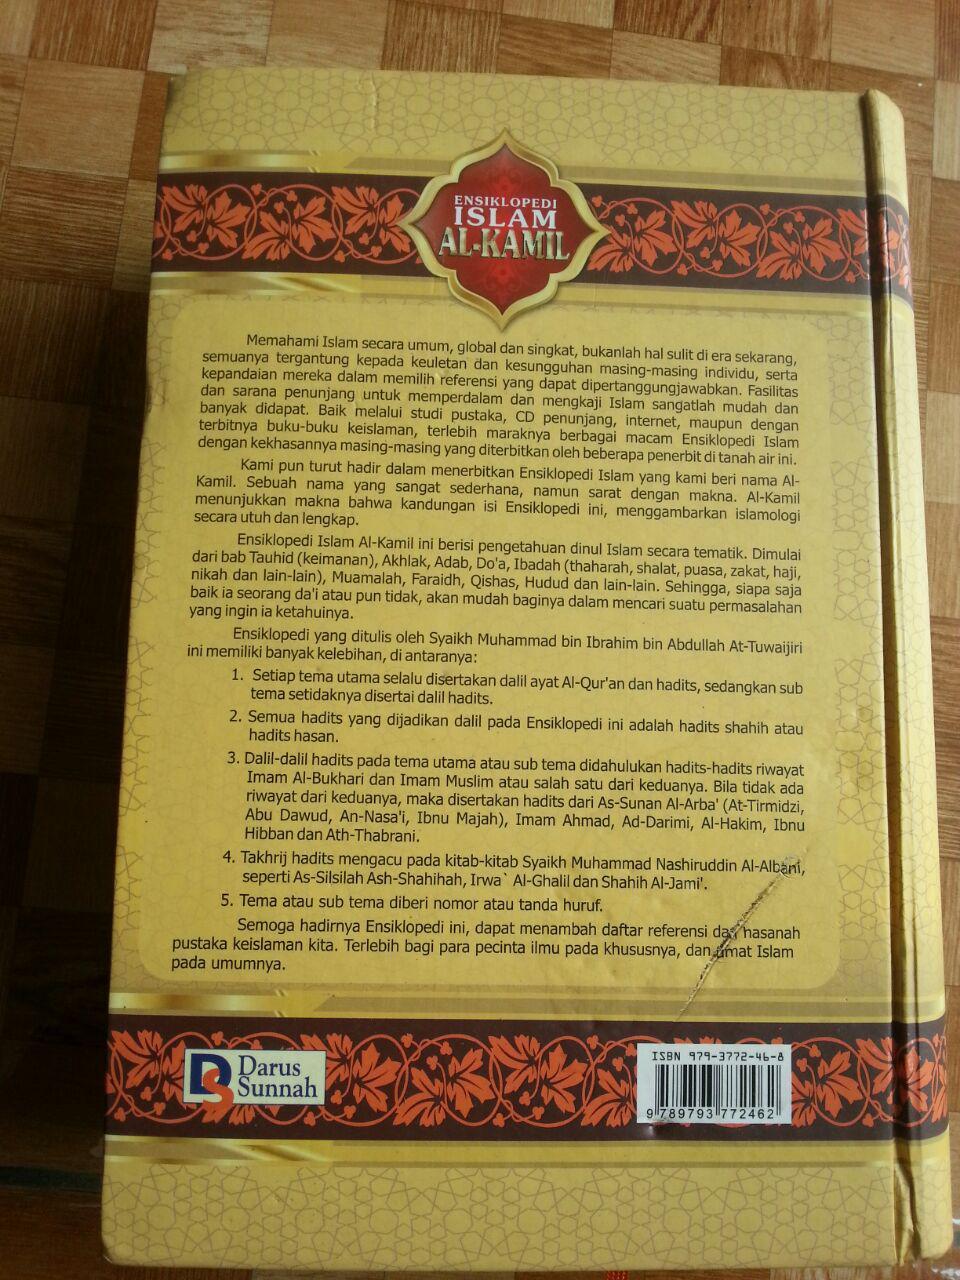 Buku Ensiklopedi Islam Al-Kamil cover